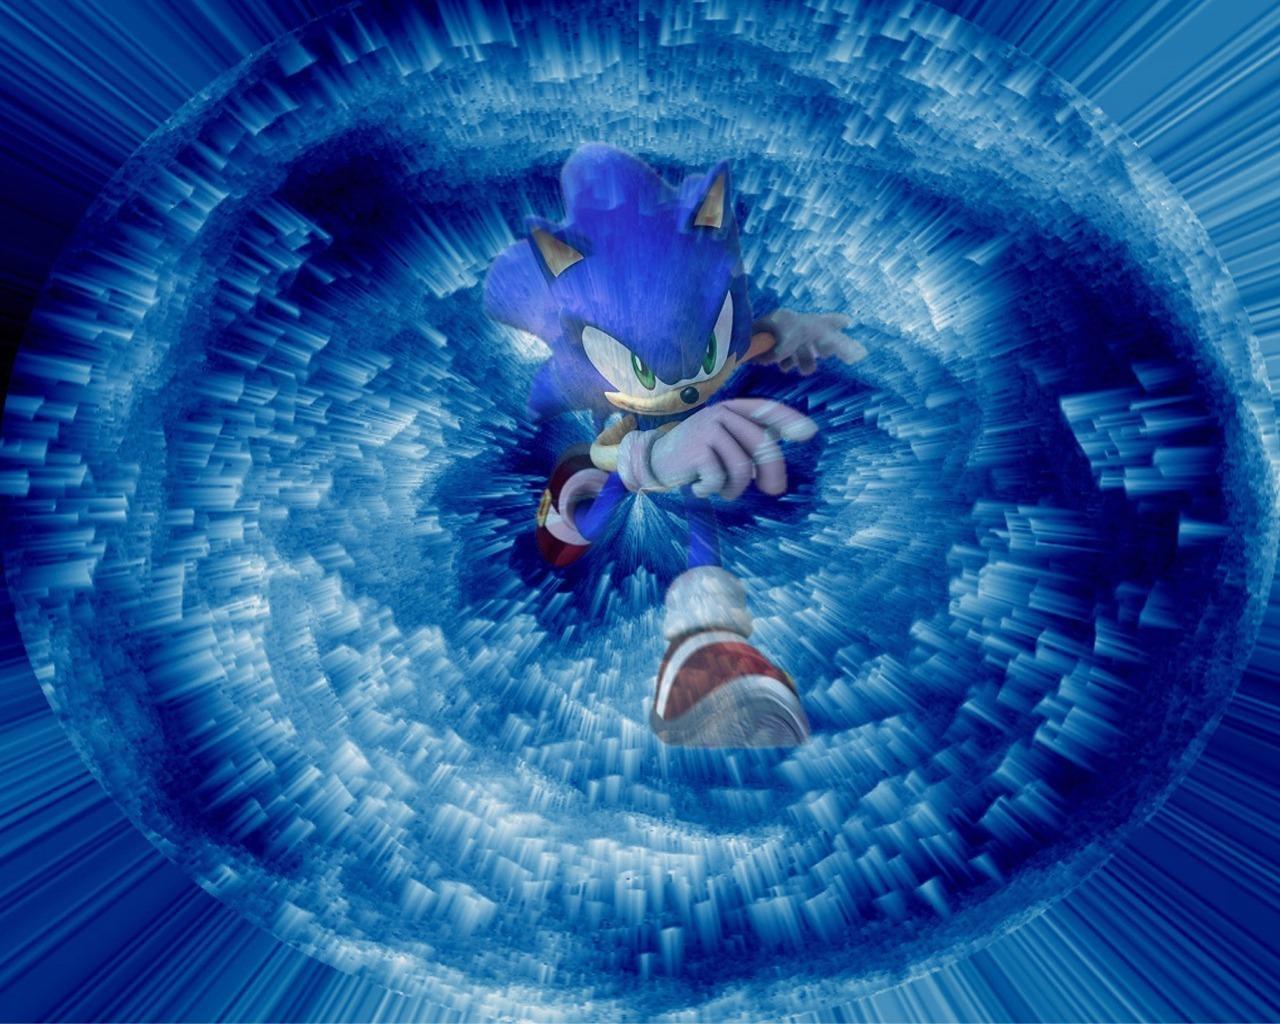 http://4.bp.blogspot.com/-BTYdZesbwG0/TeR9KzsqyhI/AAAAAAAABoI/9JcmTPznBW8/s1600/sonic-the-hedgehog.jpg